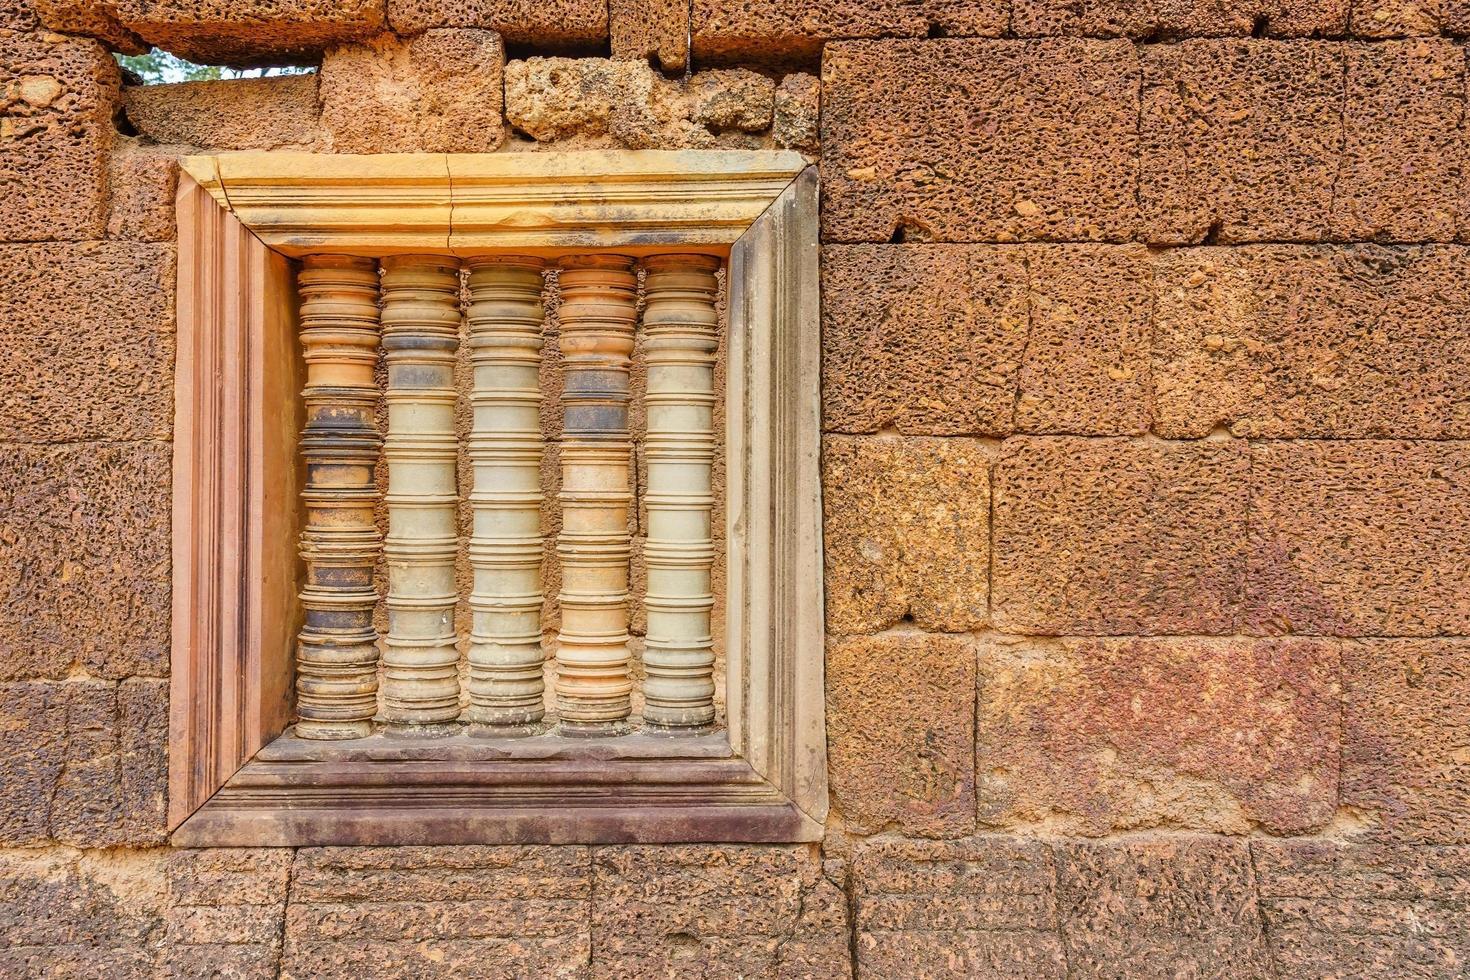 tempio di banteay srei dedicato a shiva, nella giungla della zona di angkor in cambogia foto